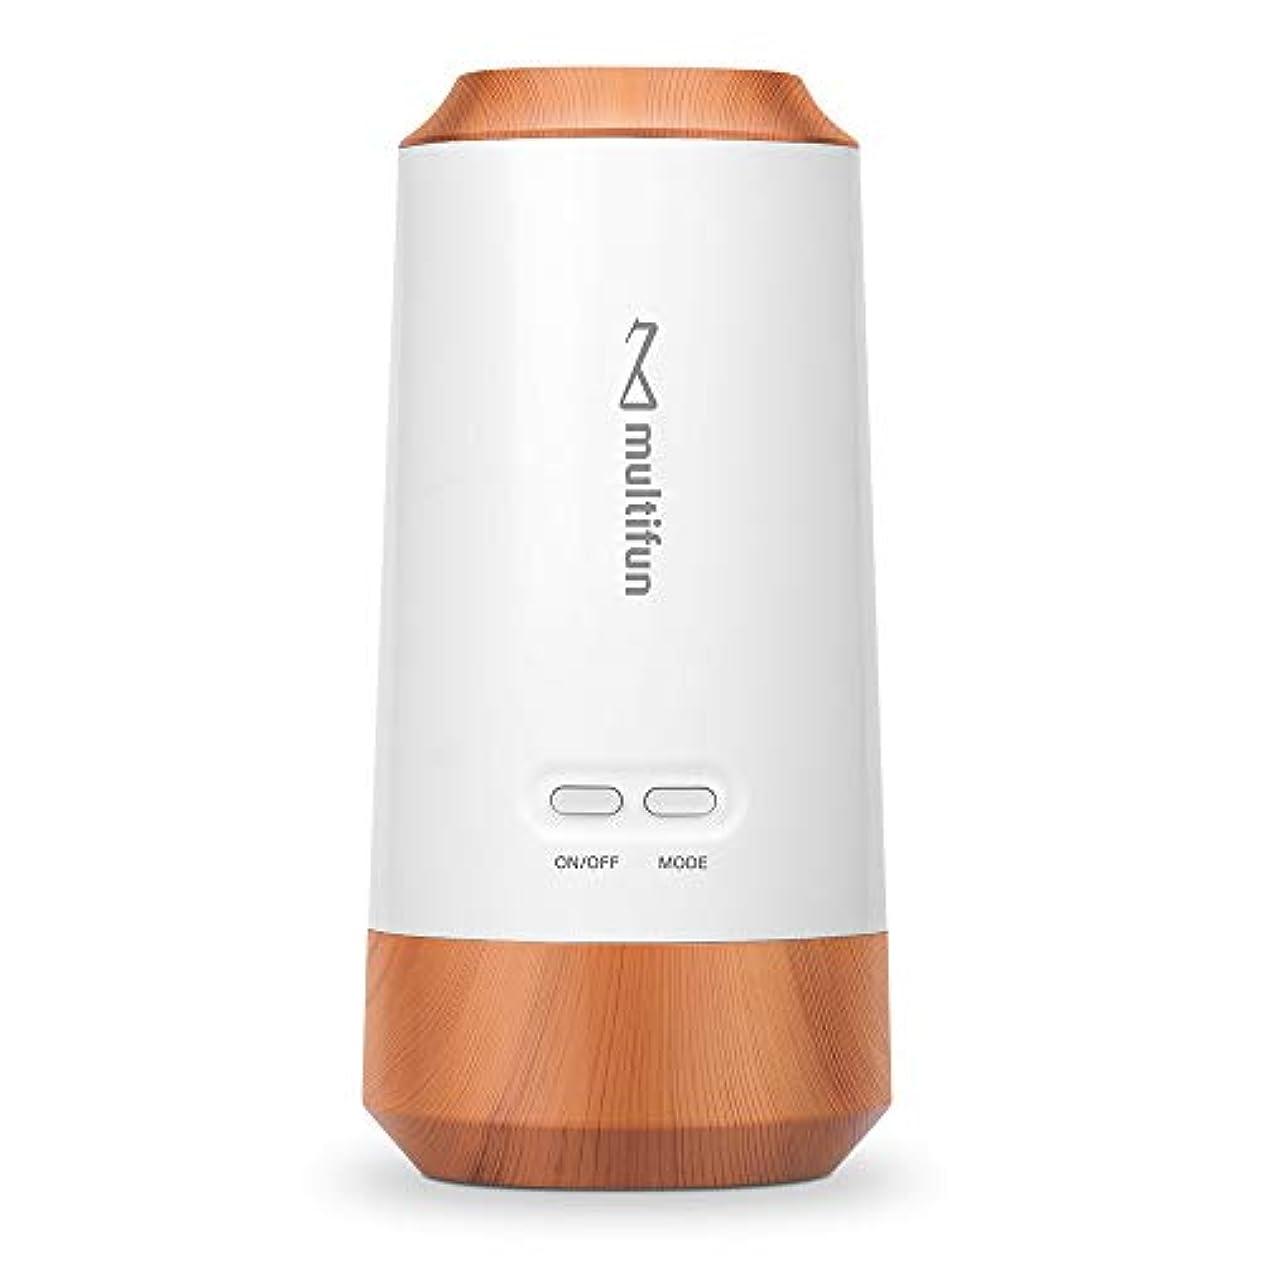 故国現れるマリンmultifun アロマディフューザー ネブライザー式 気化式 車載用 コードレス 水を使わない 充電式 静音 車用 10mlアロマ320時間使える 精油瓶1個 スポイト付き 6畳~9畳まで